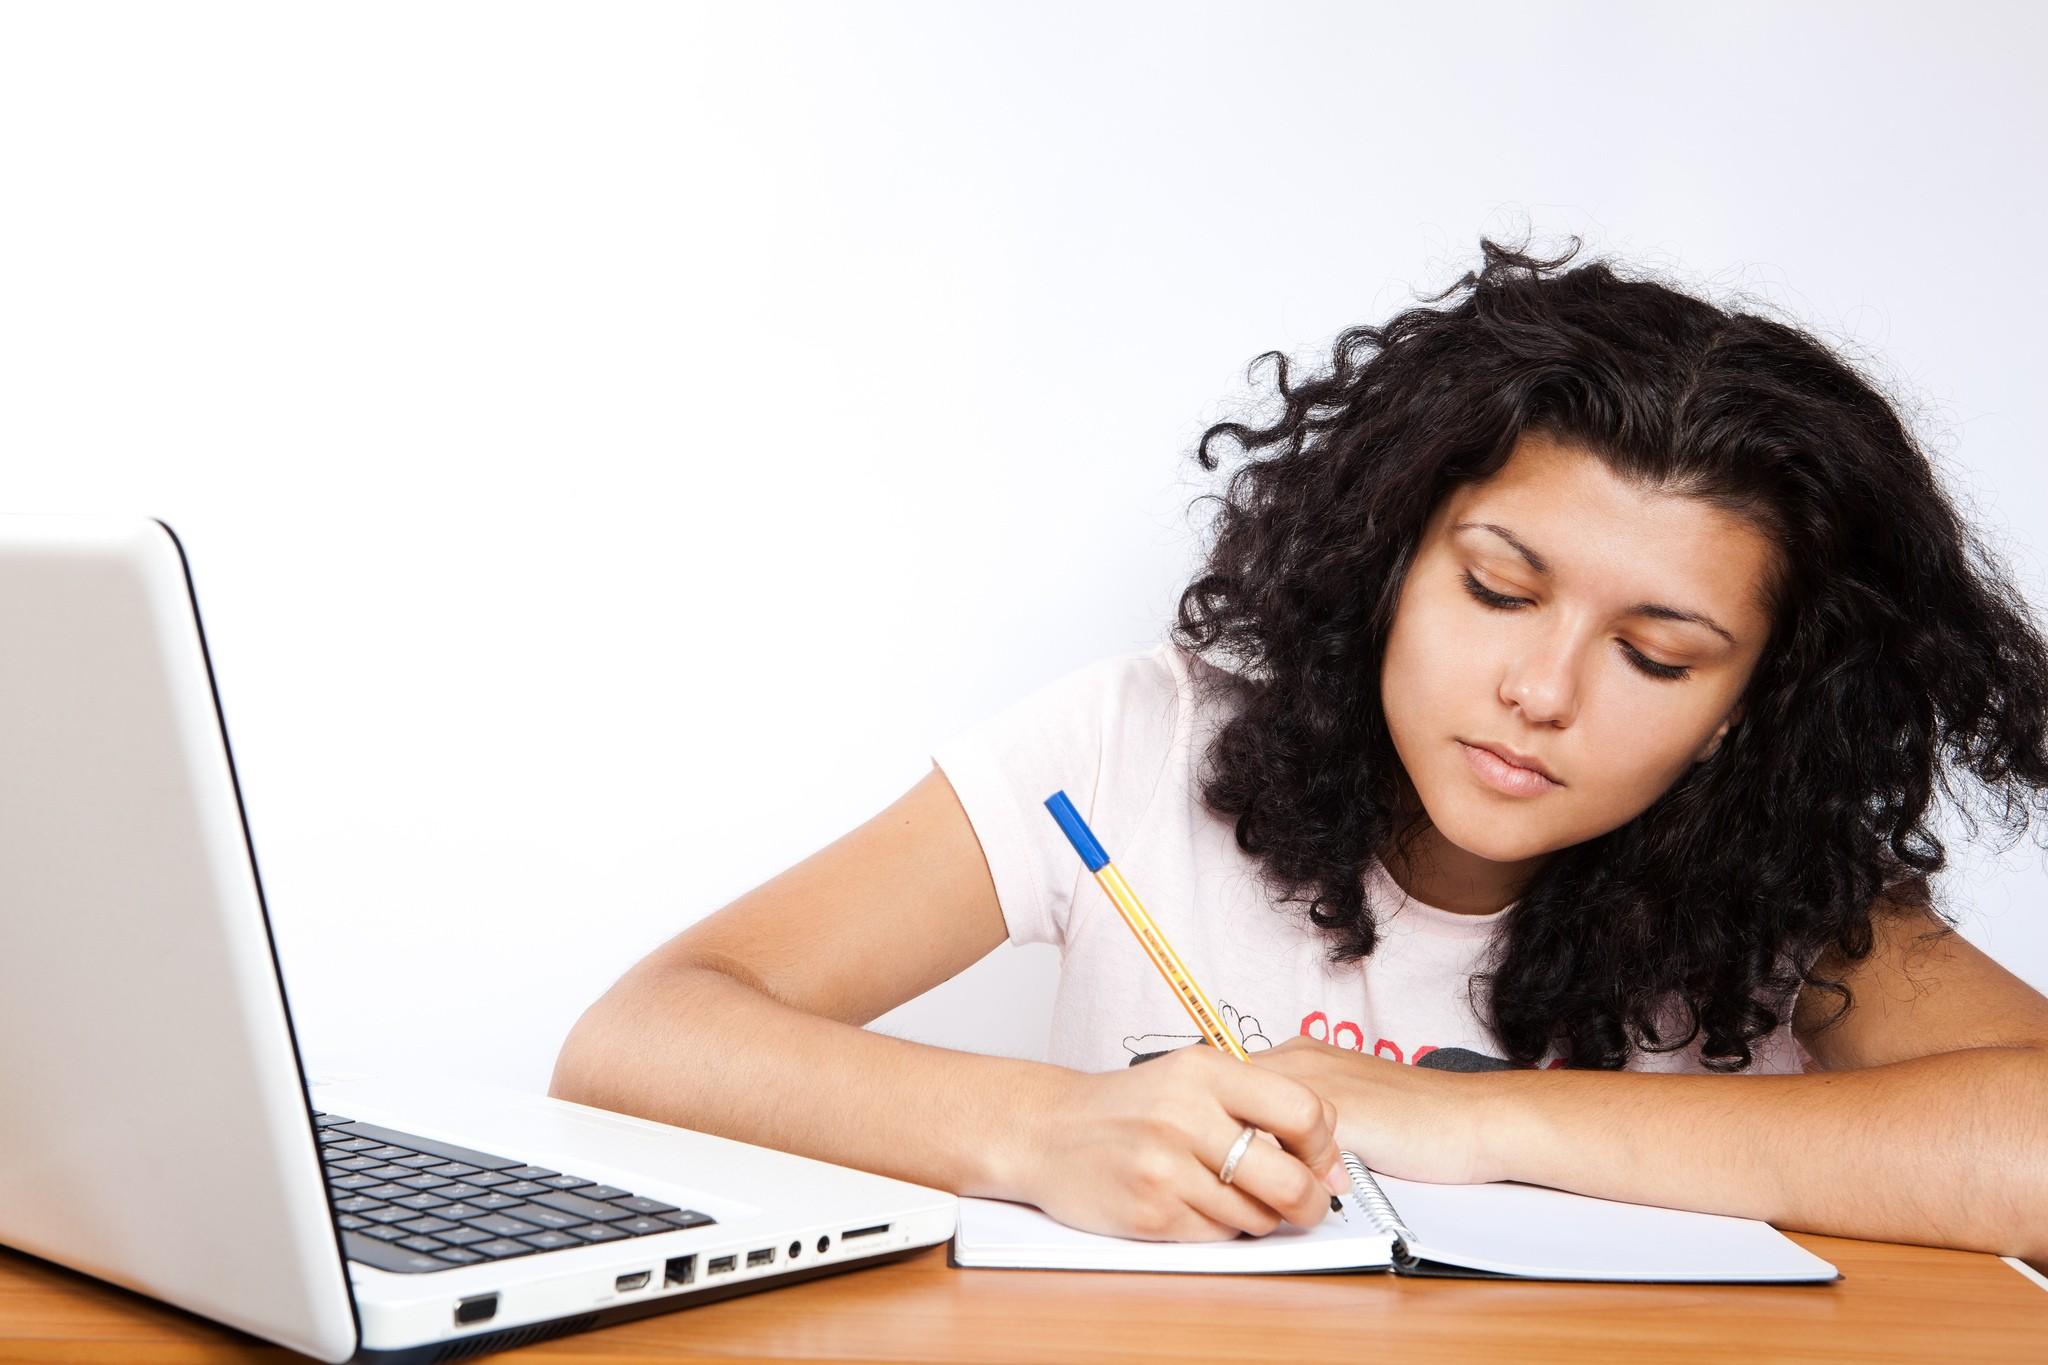 Plataforma auxilia estudante a ter melhor argumentação na redação do Enem (Foto: Flickr Common / CollegeDegrees360)